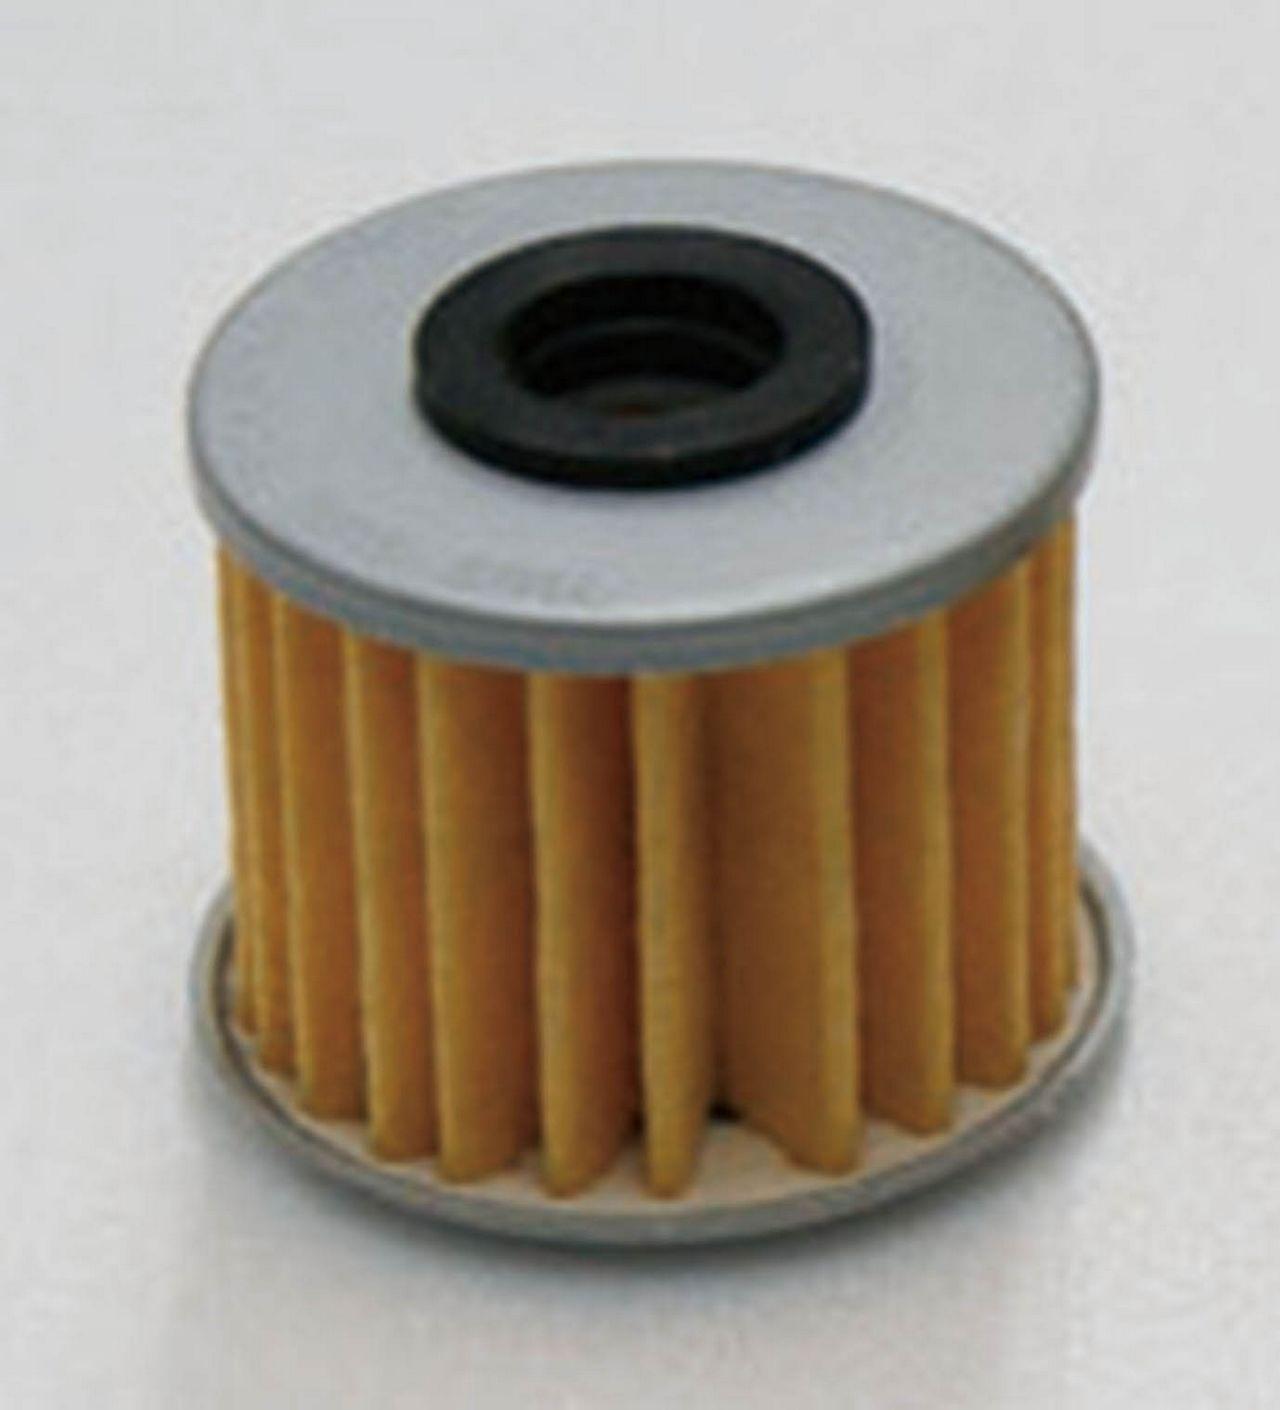 機油濾芯 (DCT 濾芯 )15412-MGS-D21